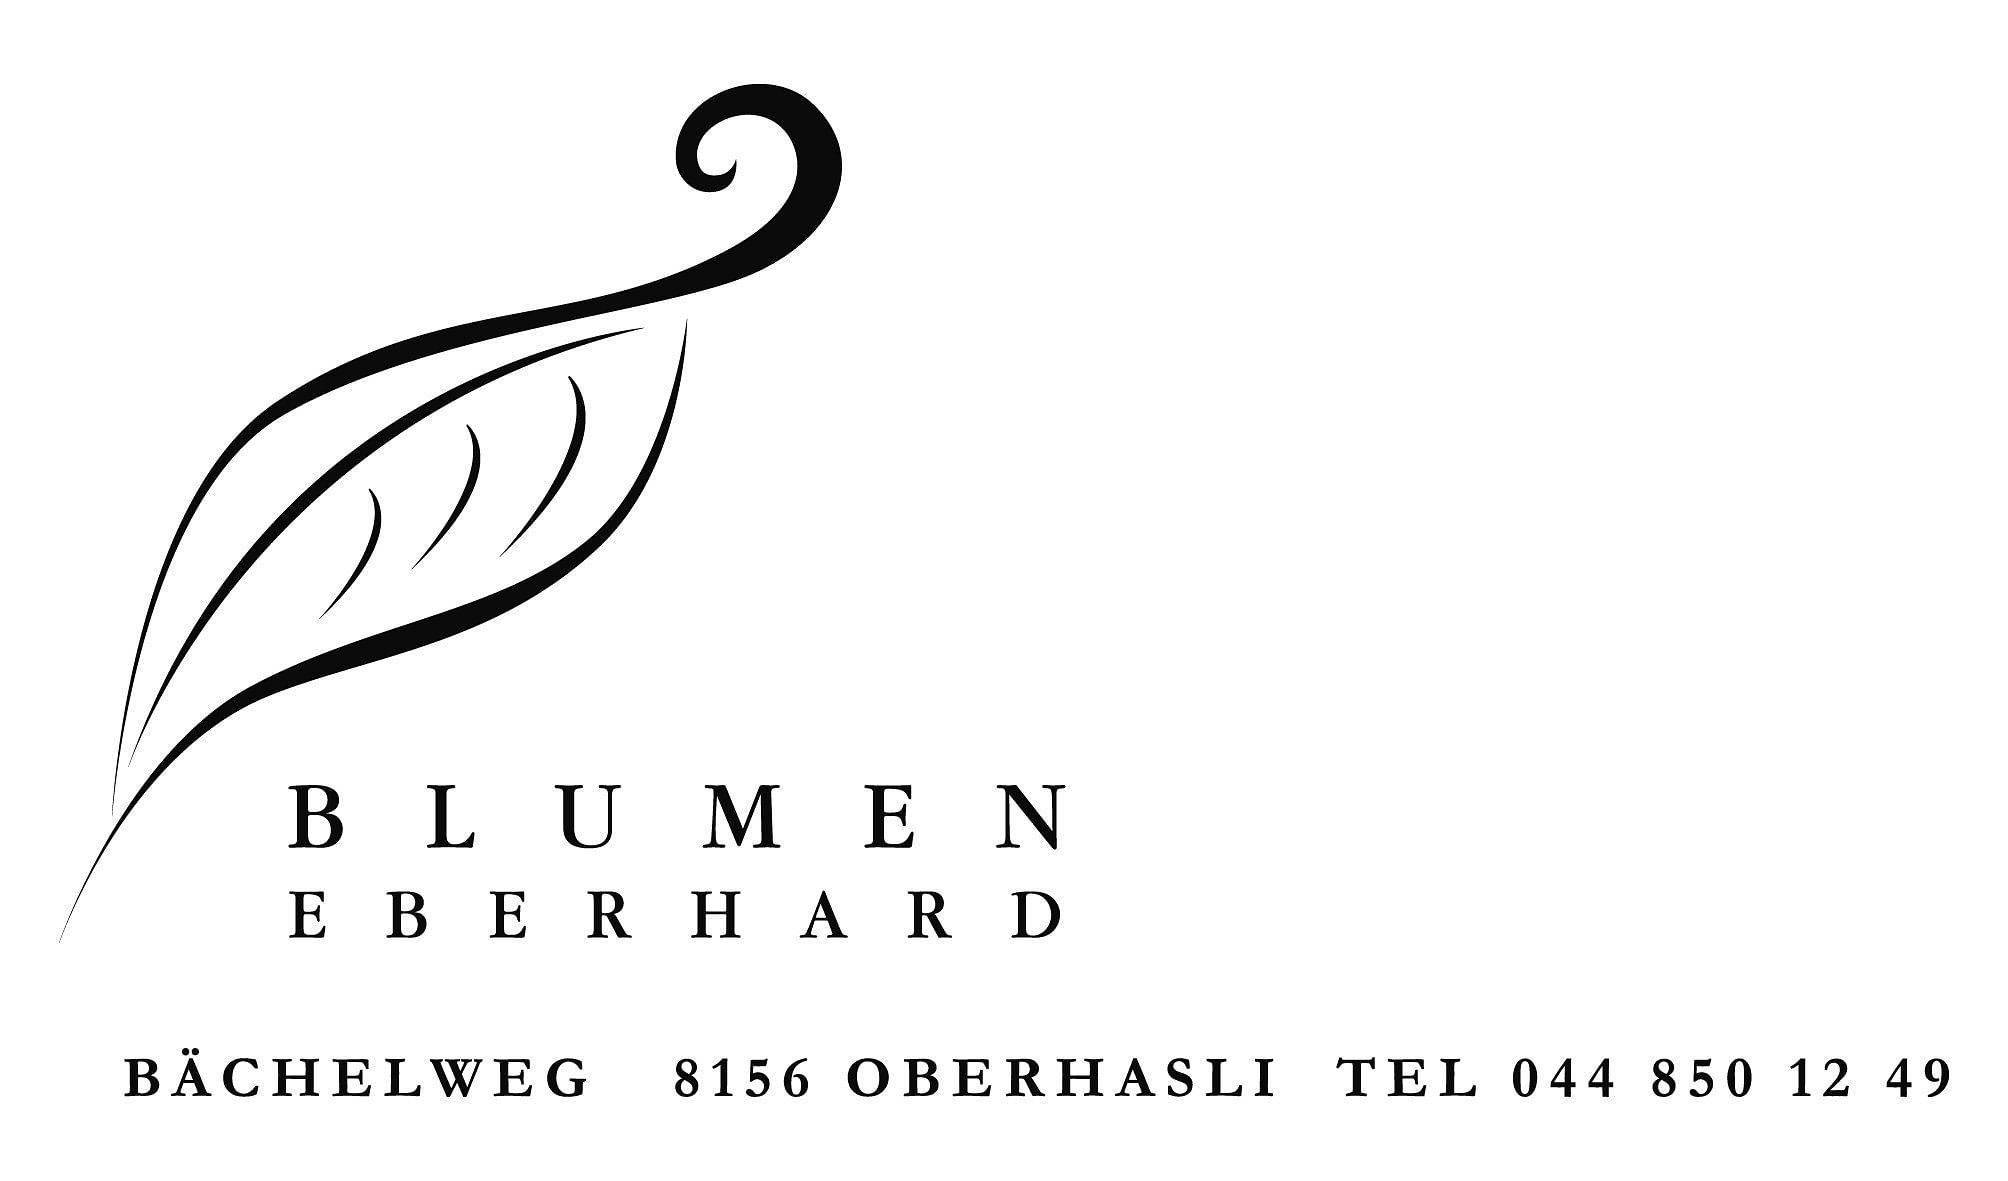 Blumen Eberhard